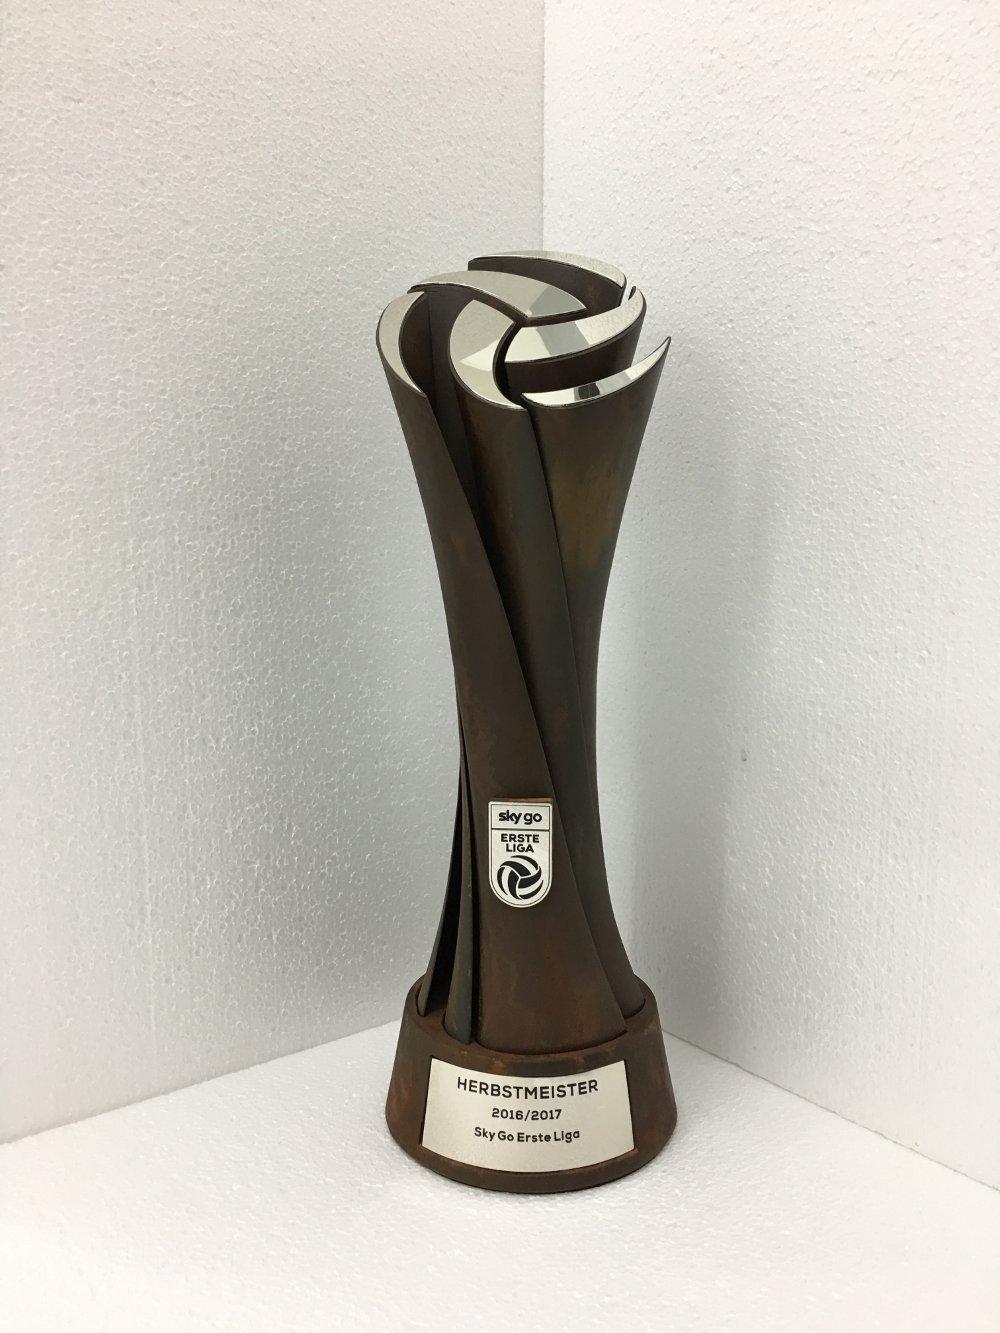 Neuer Herbstmeisterpokal für die Sky Go Erste Liga